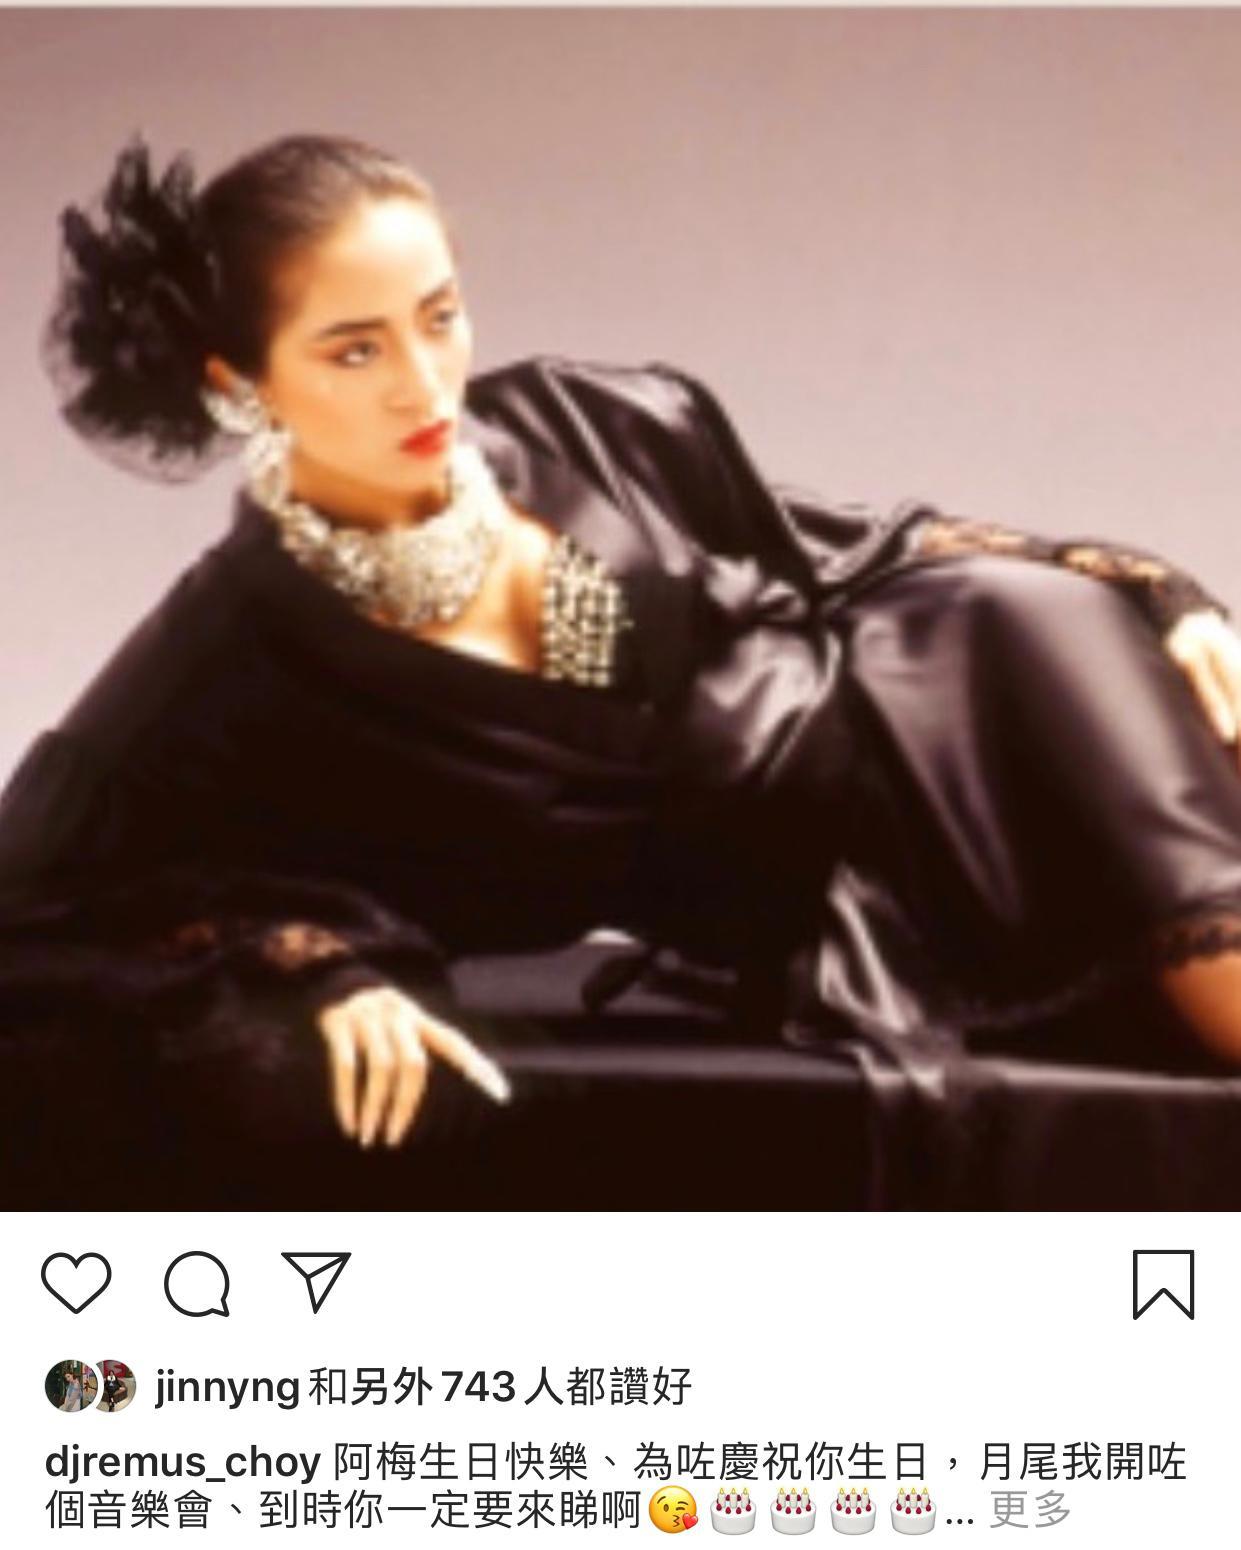 蔡一傑 IG